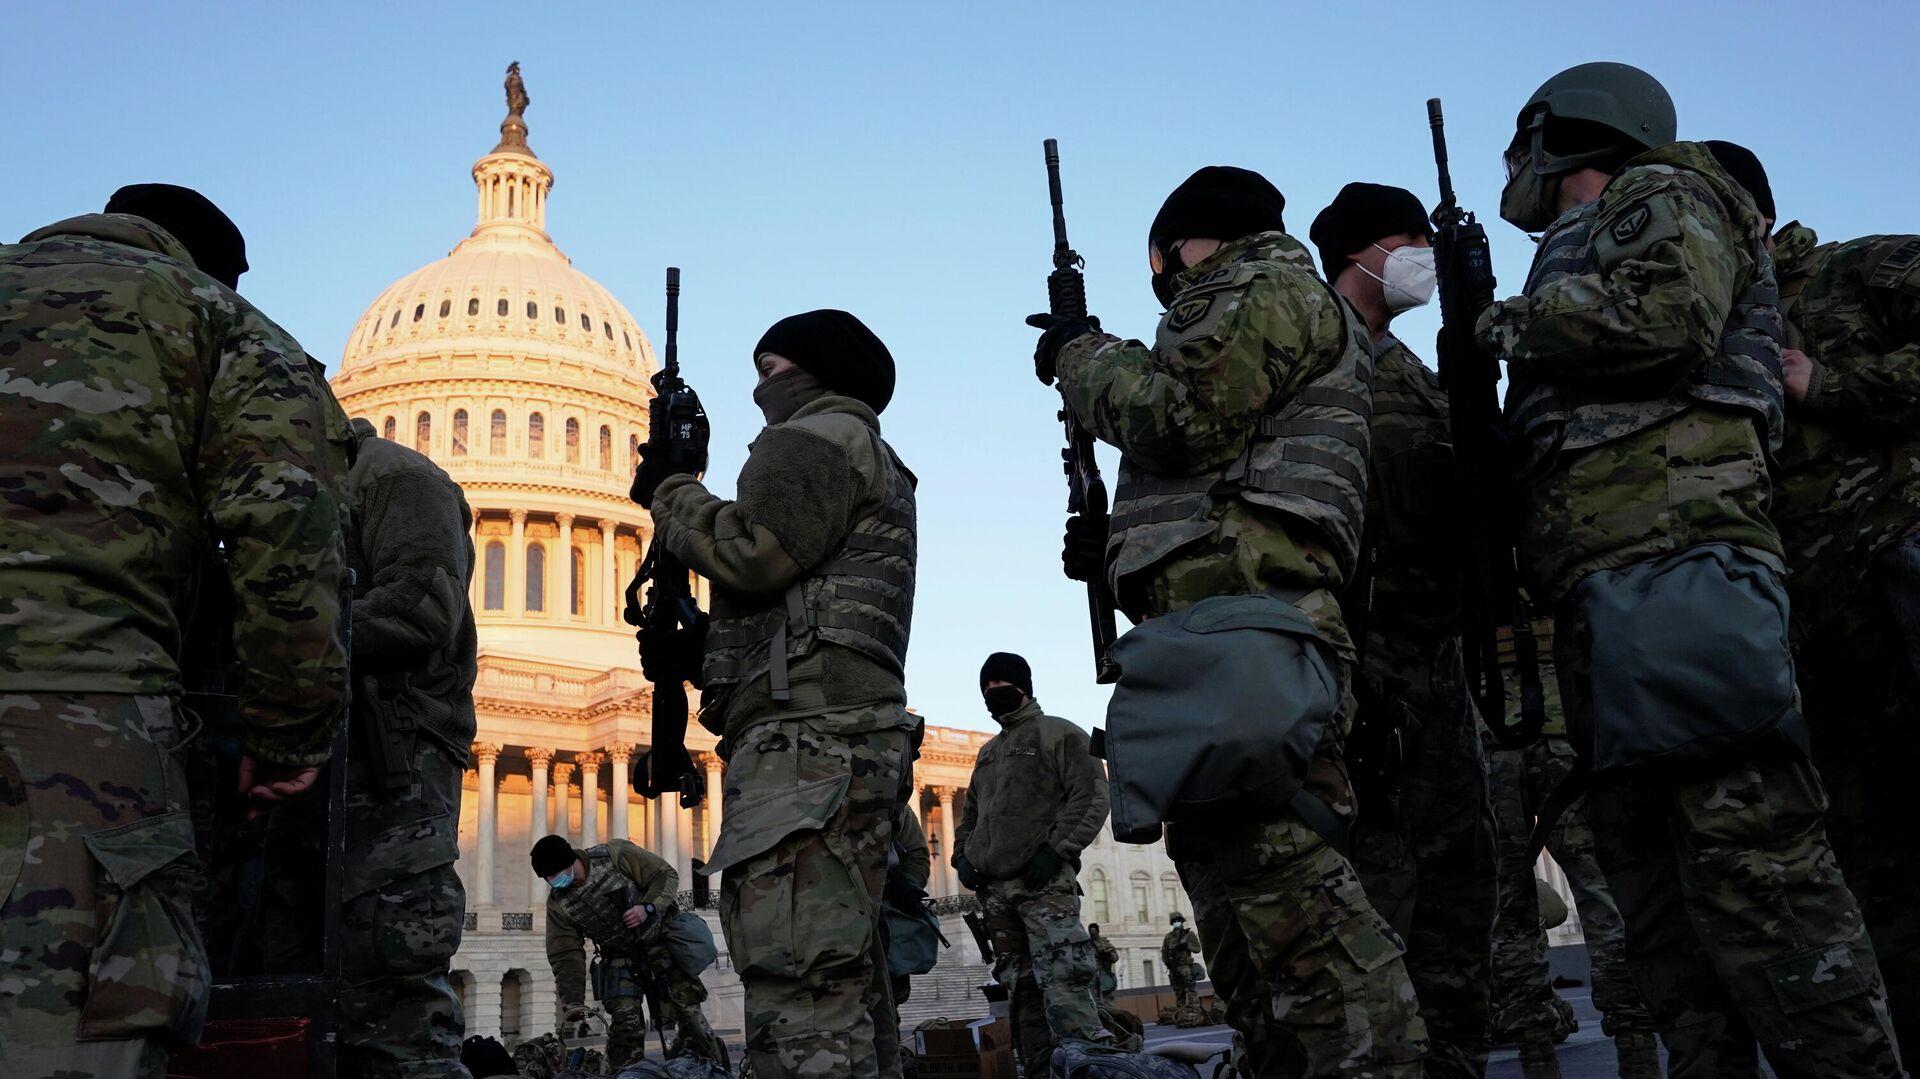 Военнослужащие Национальной гвардии США у здания Капитолия в Вашингтоне - РИА Новости, 1920, 13.01.2021